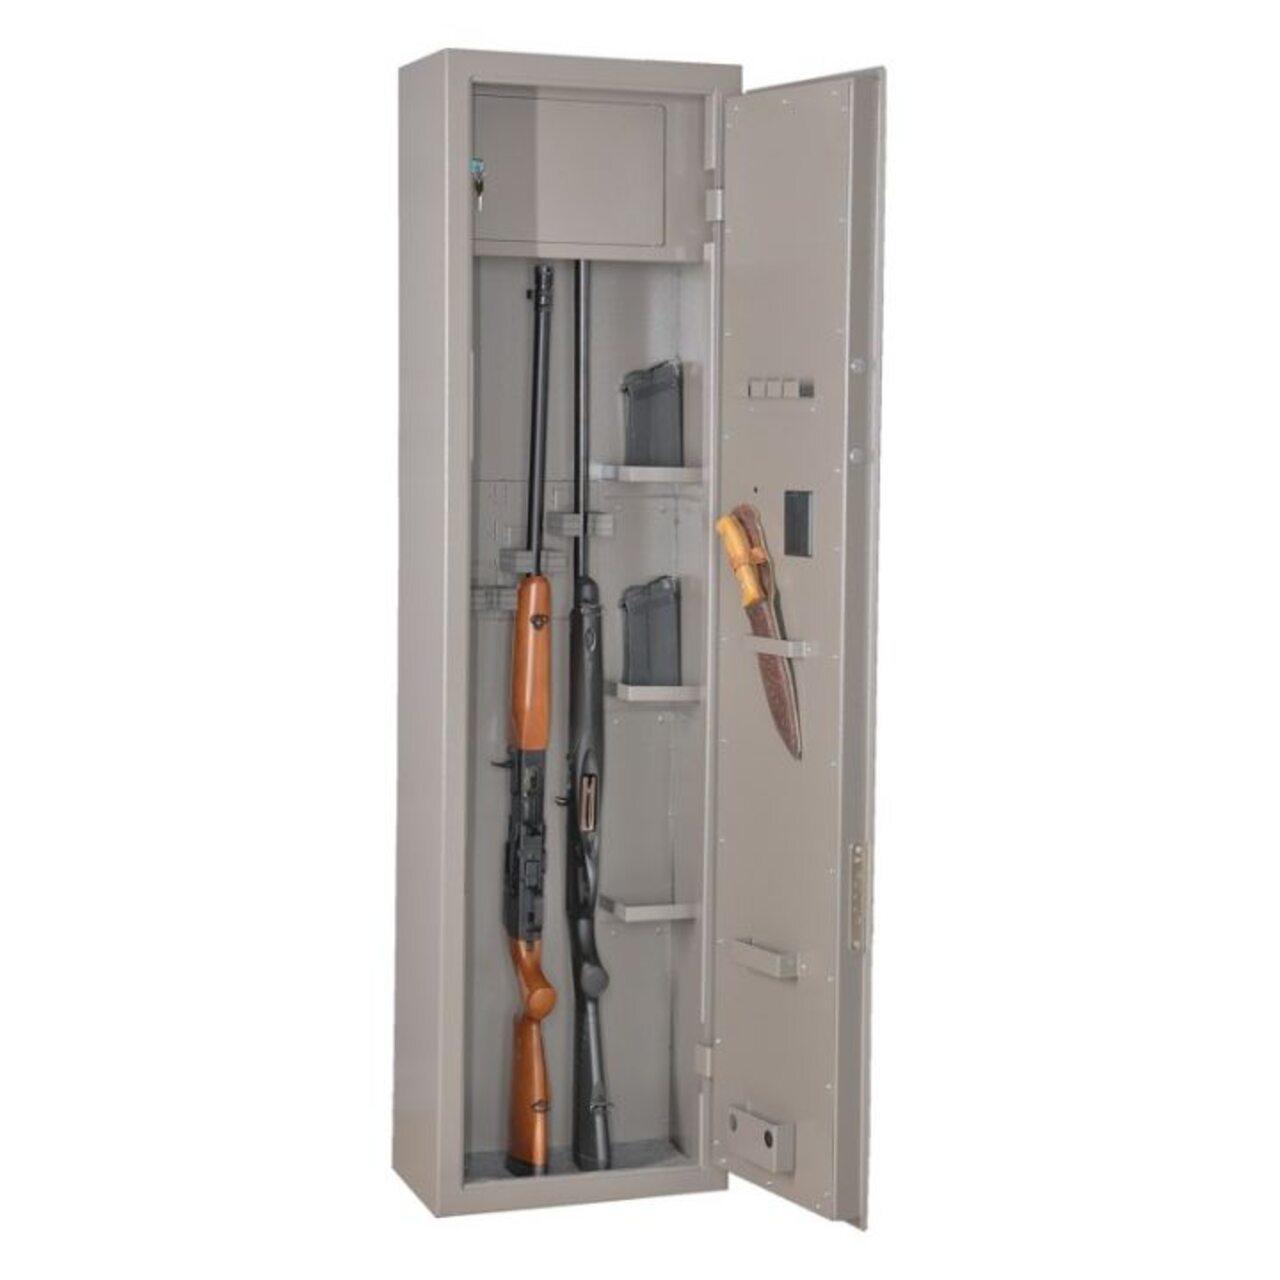 Шкаф оружейный ОШ-4Э - фото 2